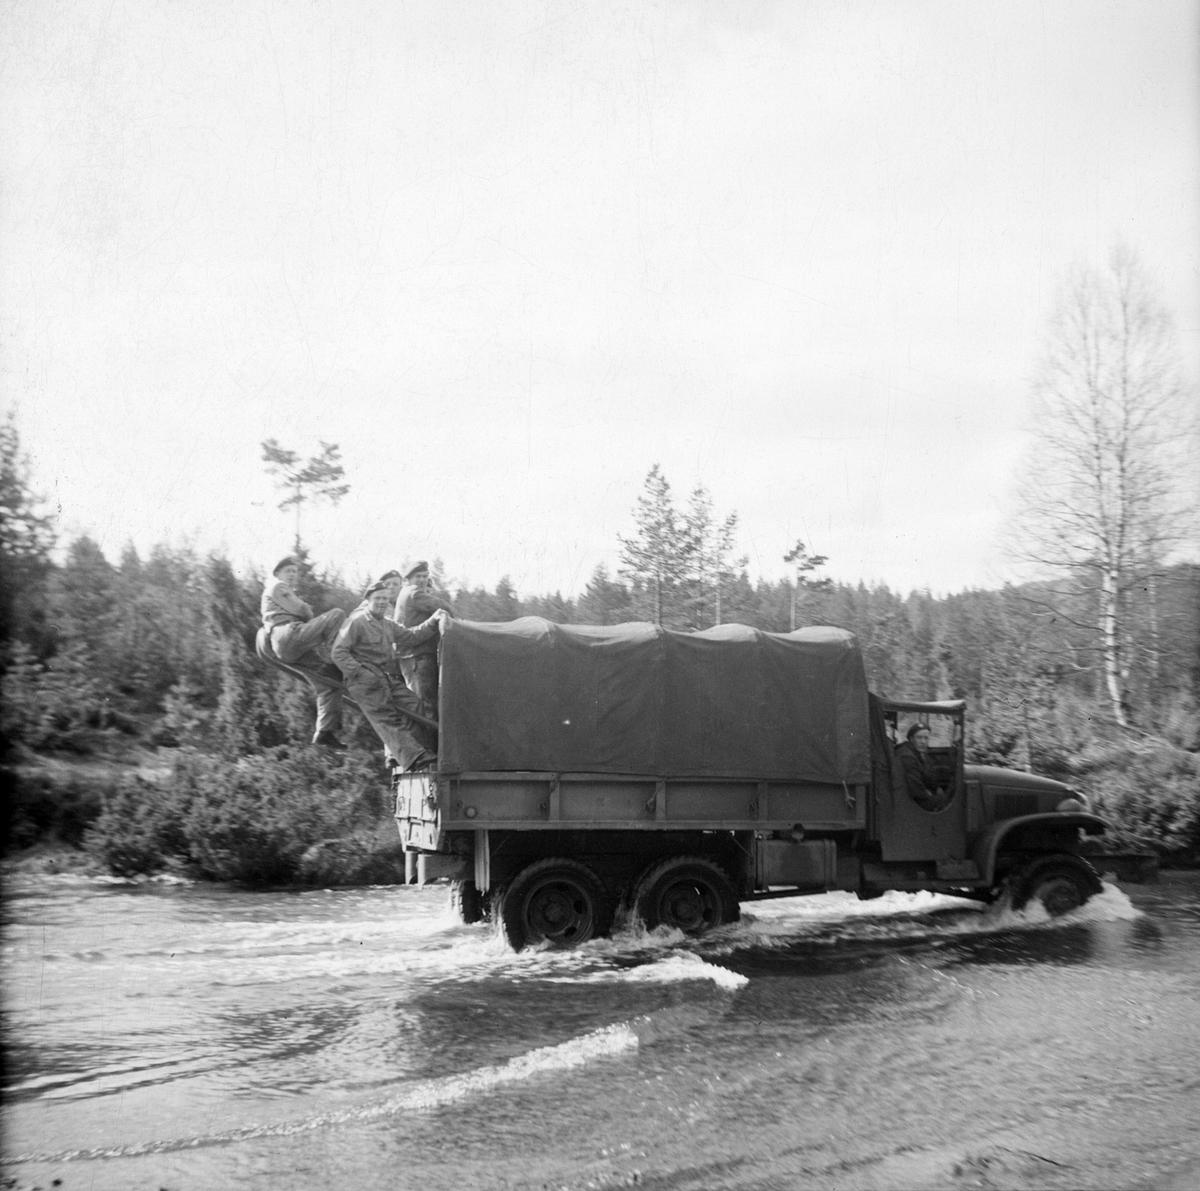 Soldater henger bakpå en militær lastebil.